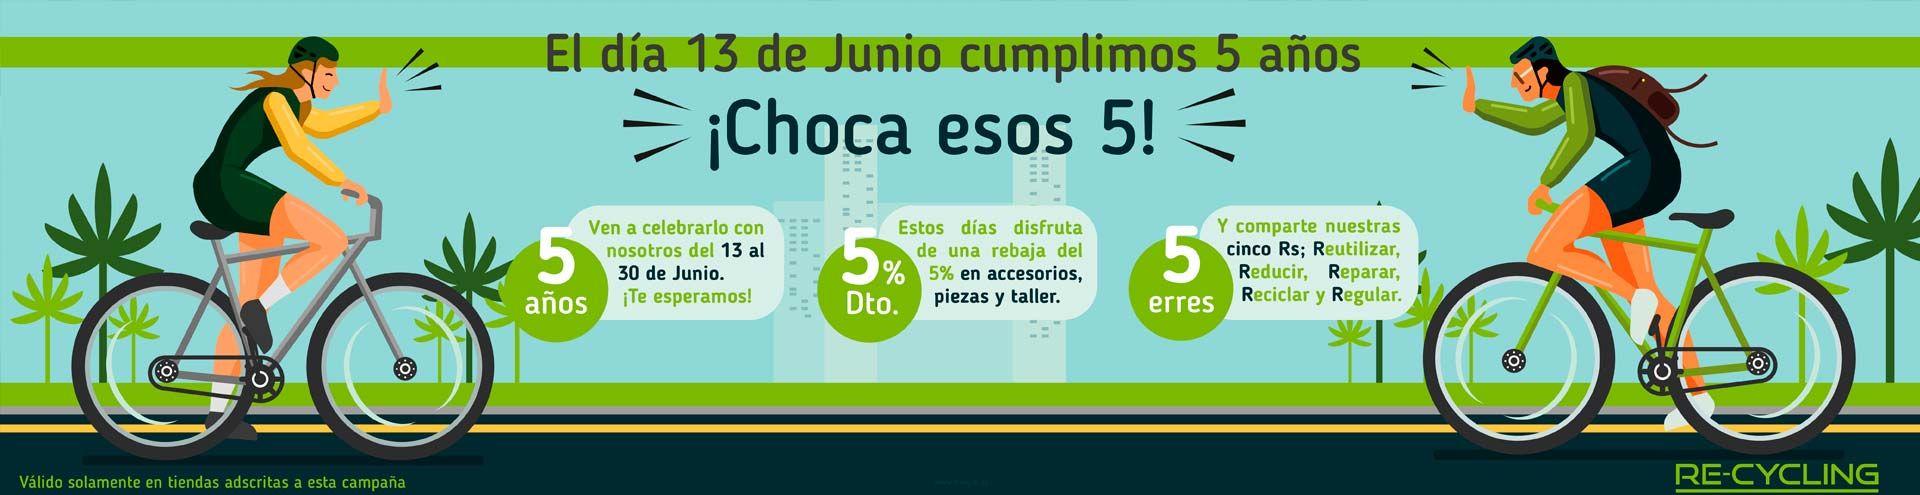 Somos Recycling celebra su quinto aniversario